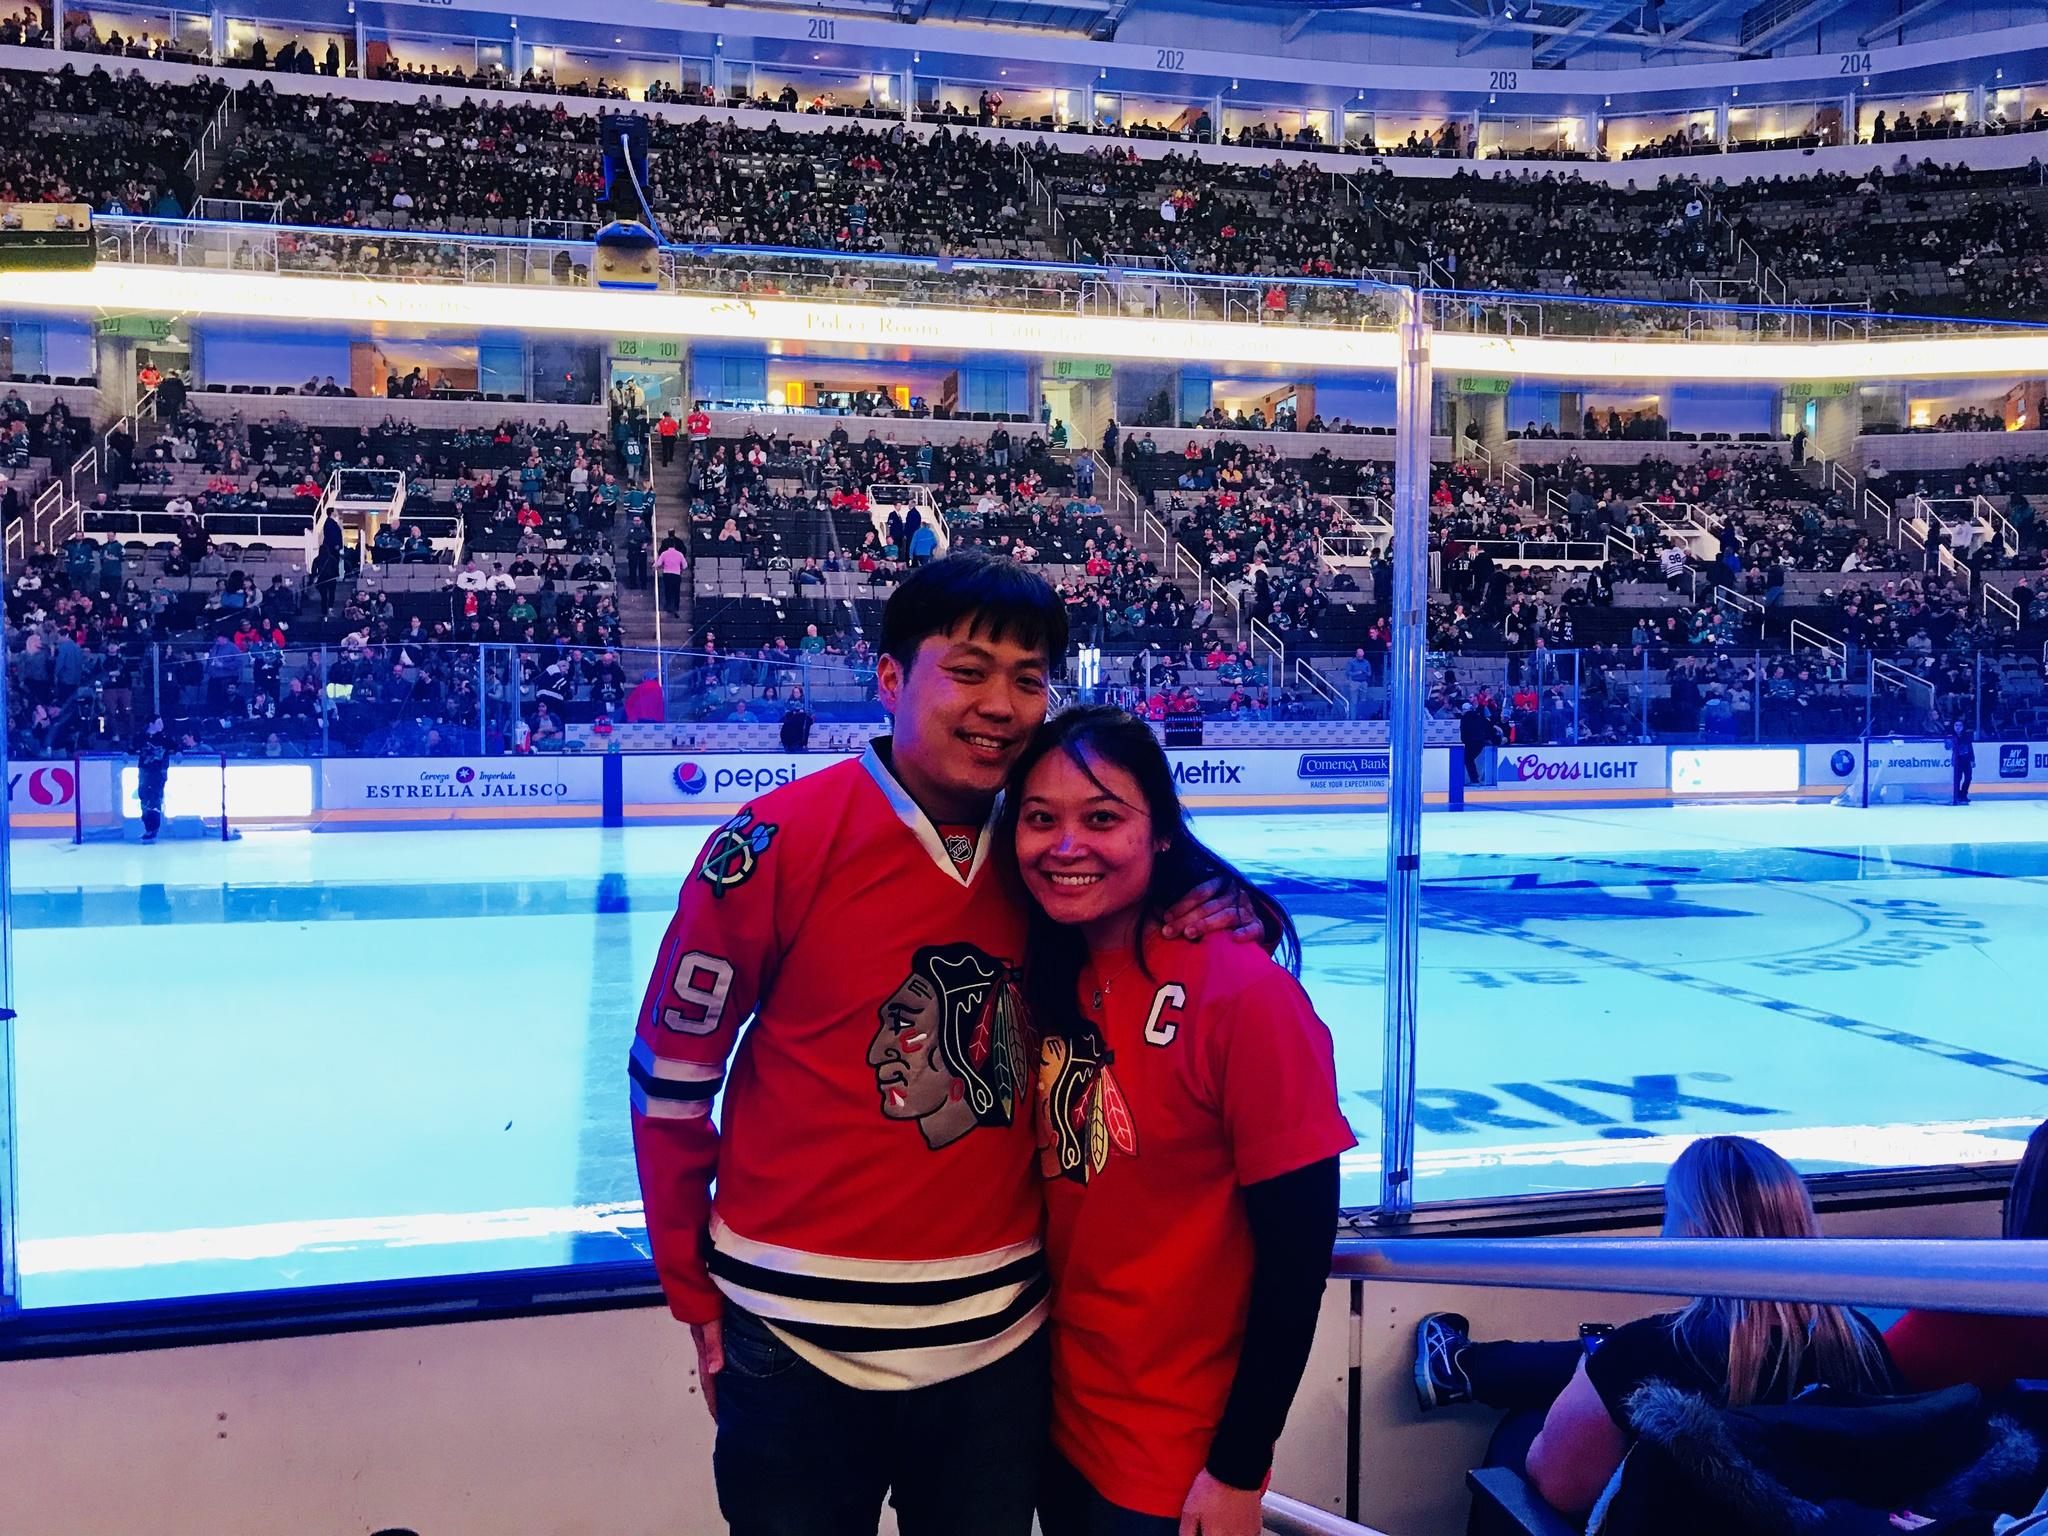 It's true love when the Bay Area native wears a Hawks jersey to a Hawks-Sharks game in San Jose!